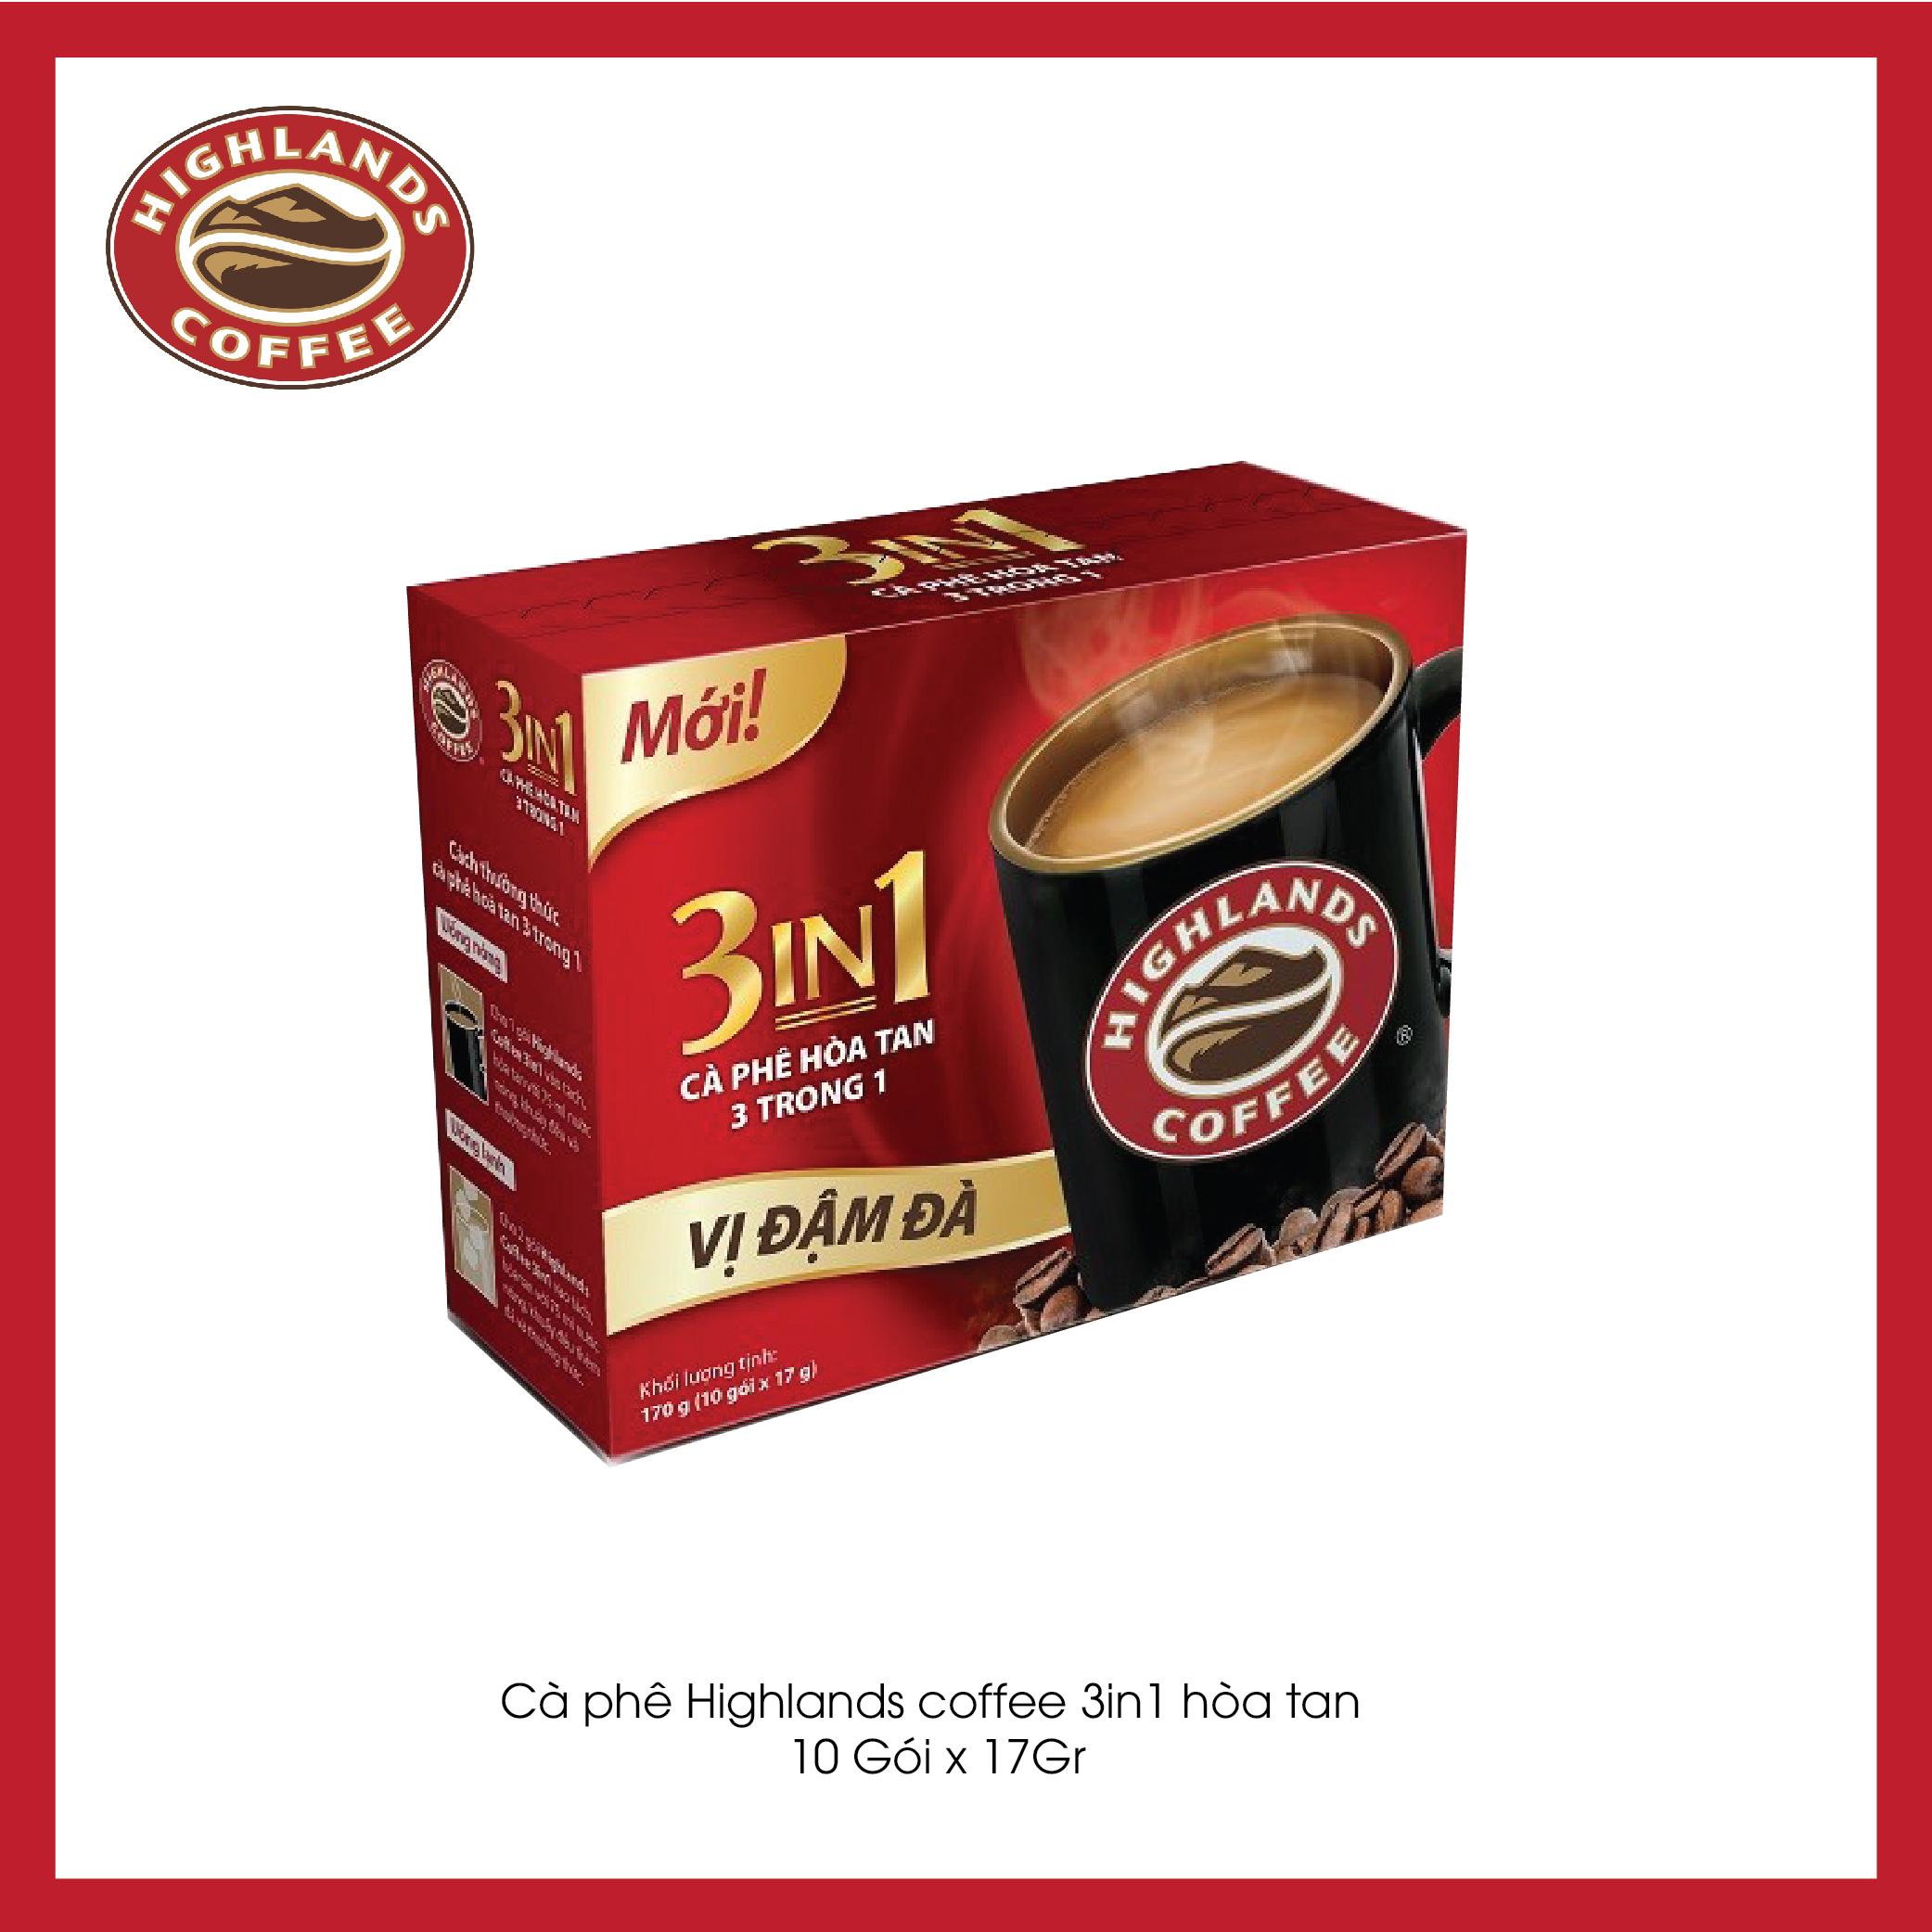 Cà phê sữa hòa tan 3in1 Highlands Coffee (10 gói x 17g)